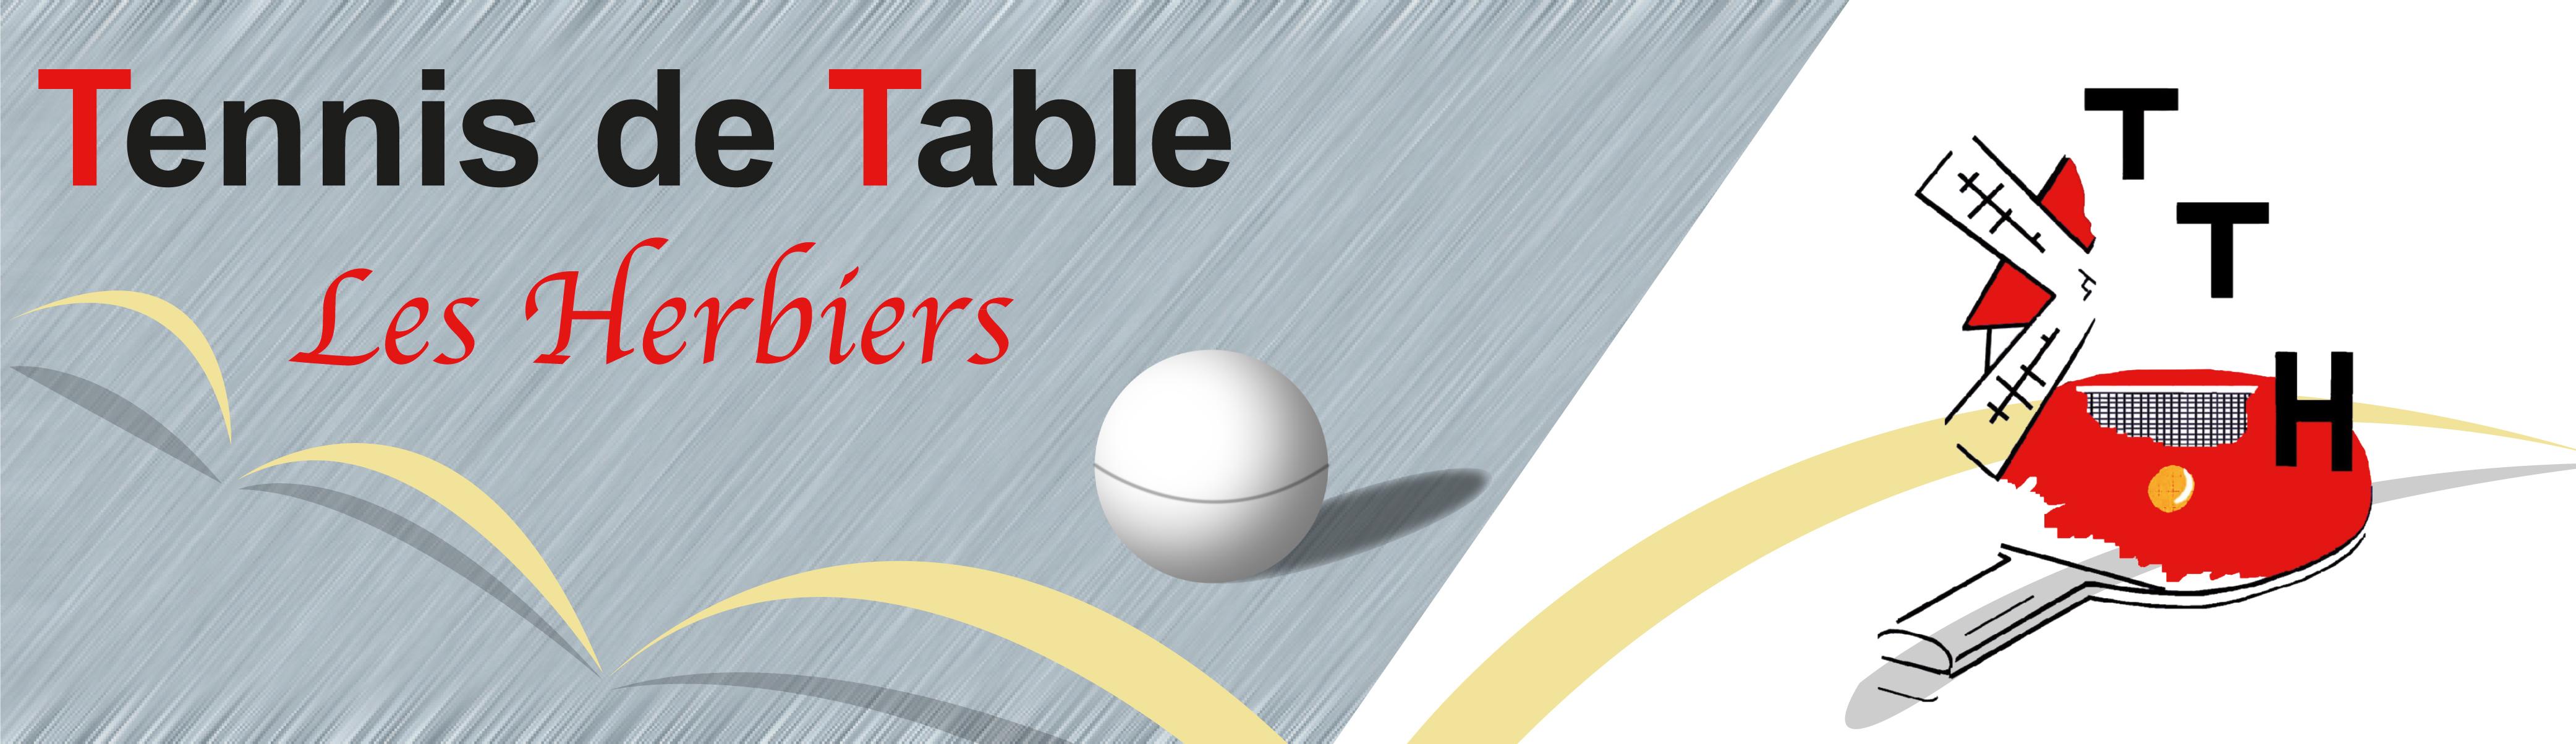 Tennis de table les herbiers tth85 - Resultat tennis de table hainaut ...